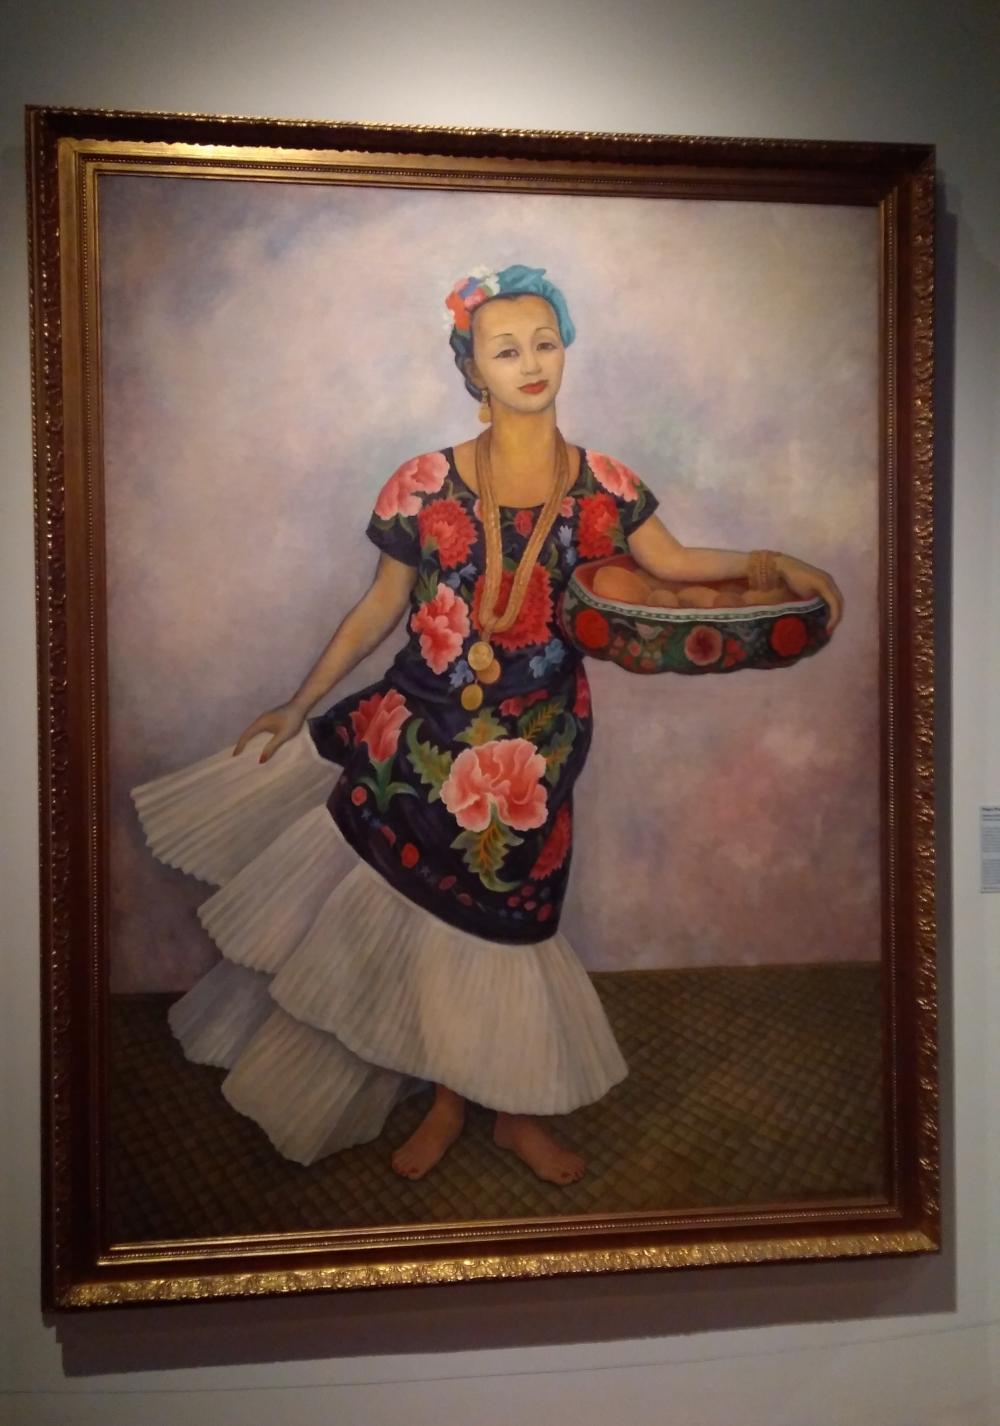 Exposición de Frida Kahlo y Diego Rivera en CDMX - Chilango